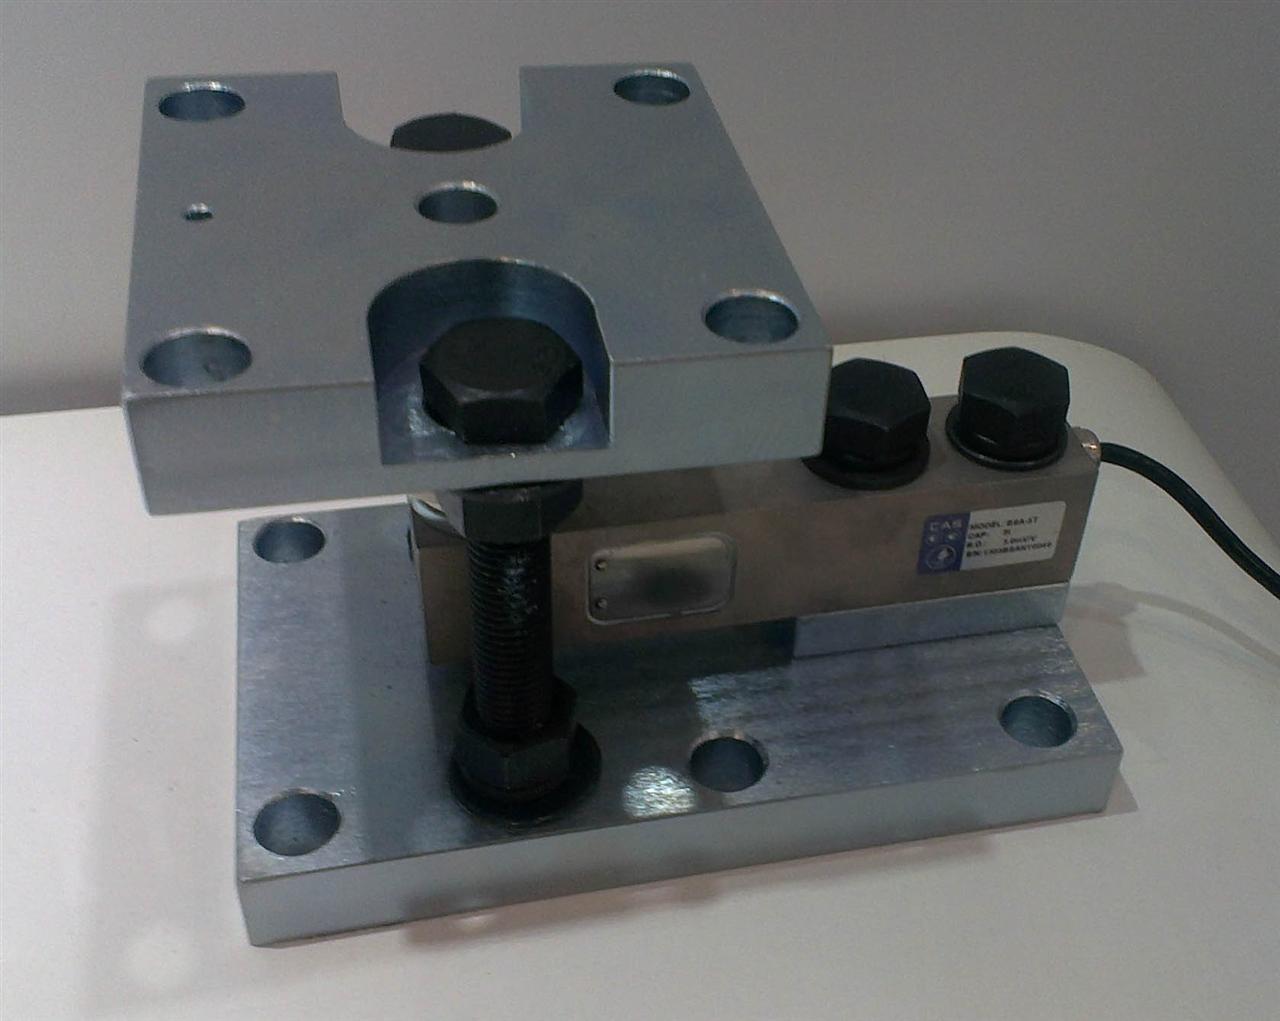 称重模块介绍 称重模块主要应用于仅有垂直力,或者水平力较小的过程计量控制。可以很方便地跟各种容器或器件相连,以达到准确计量的目的。静载模块有三种结构型式,通常是固定式、半浮动式、全浮动式组合在一起使用。一个称重计量单元可以由3个、4个或更多模块组成。 称重模块图片: